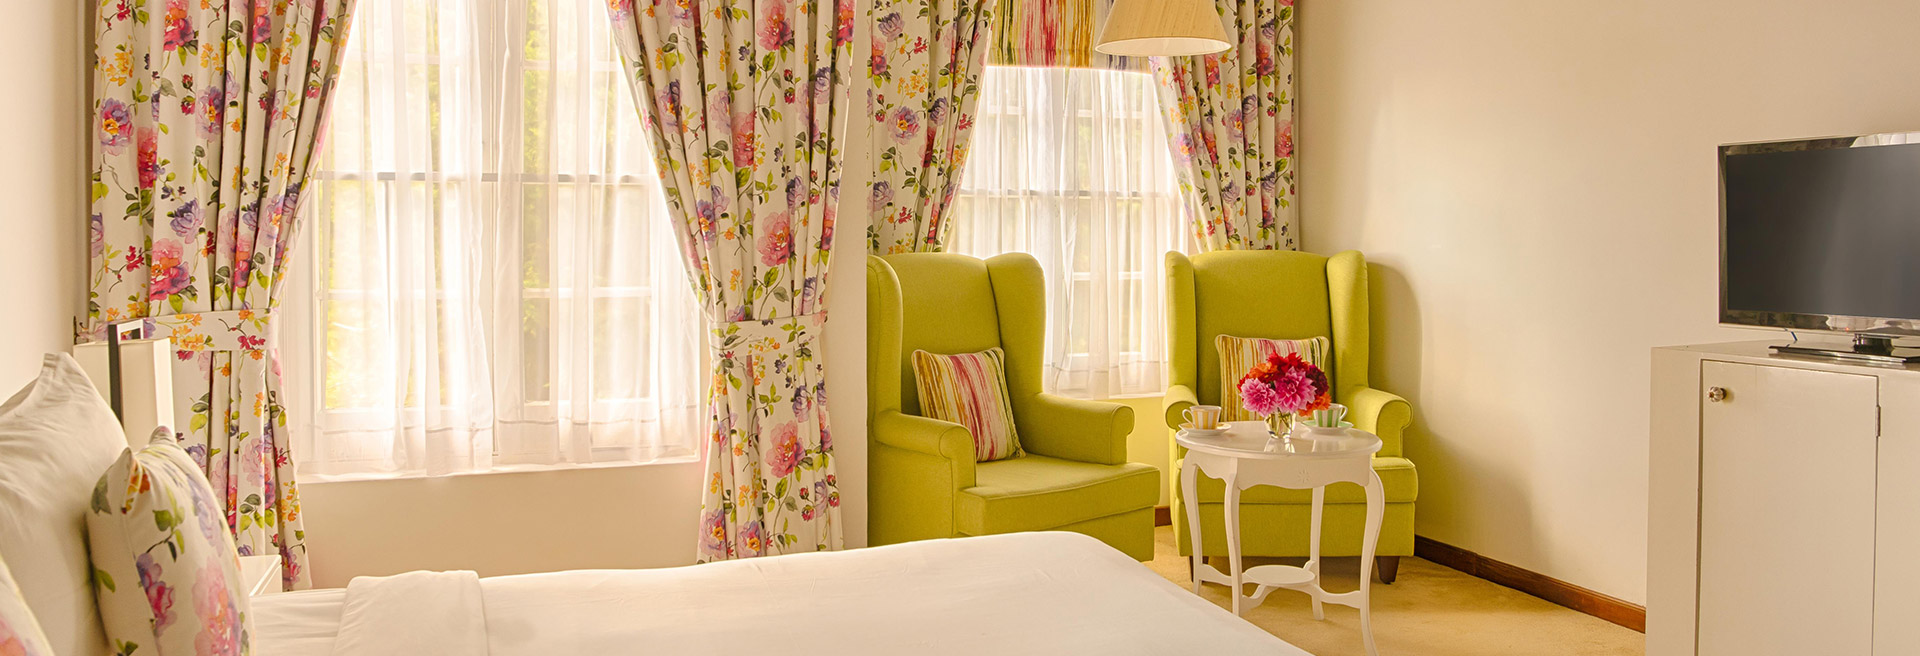 Luxury Deluxe room bedroom in Nuwara Eliya